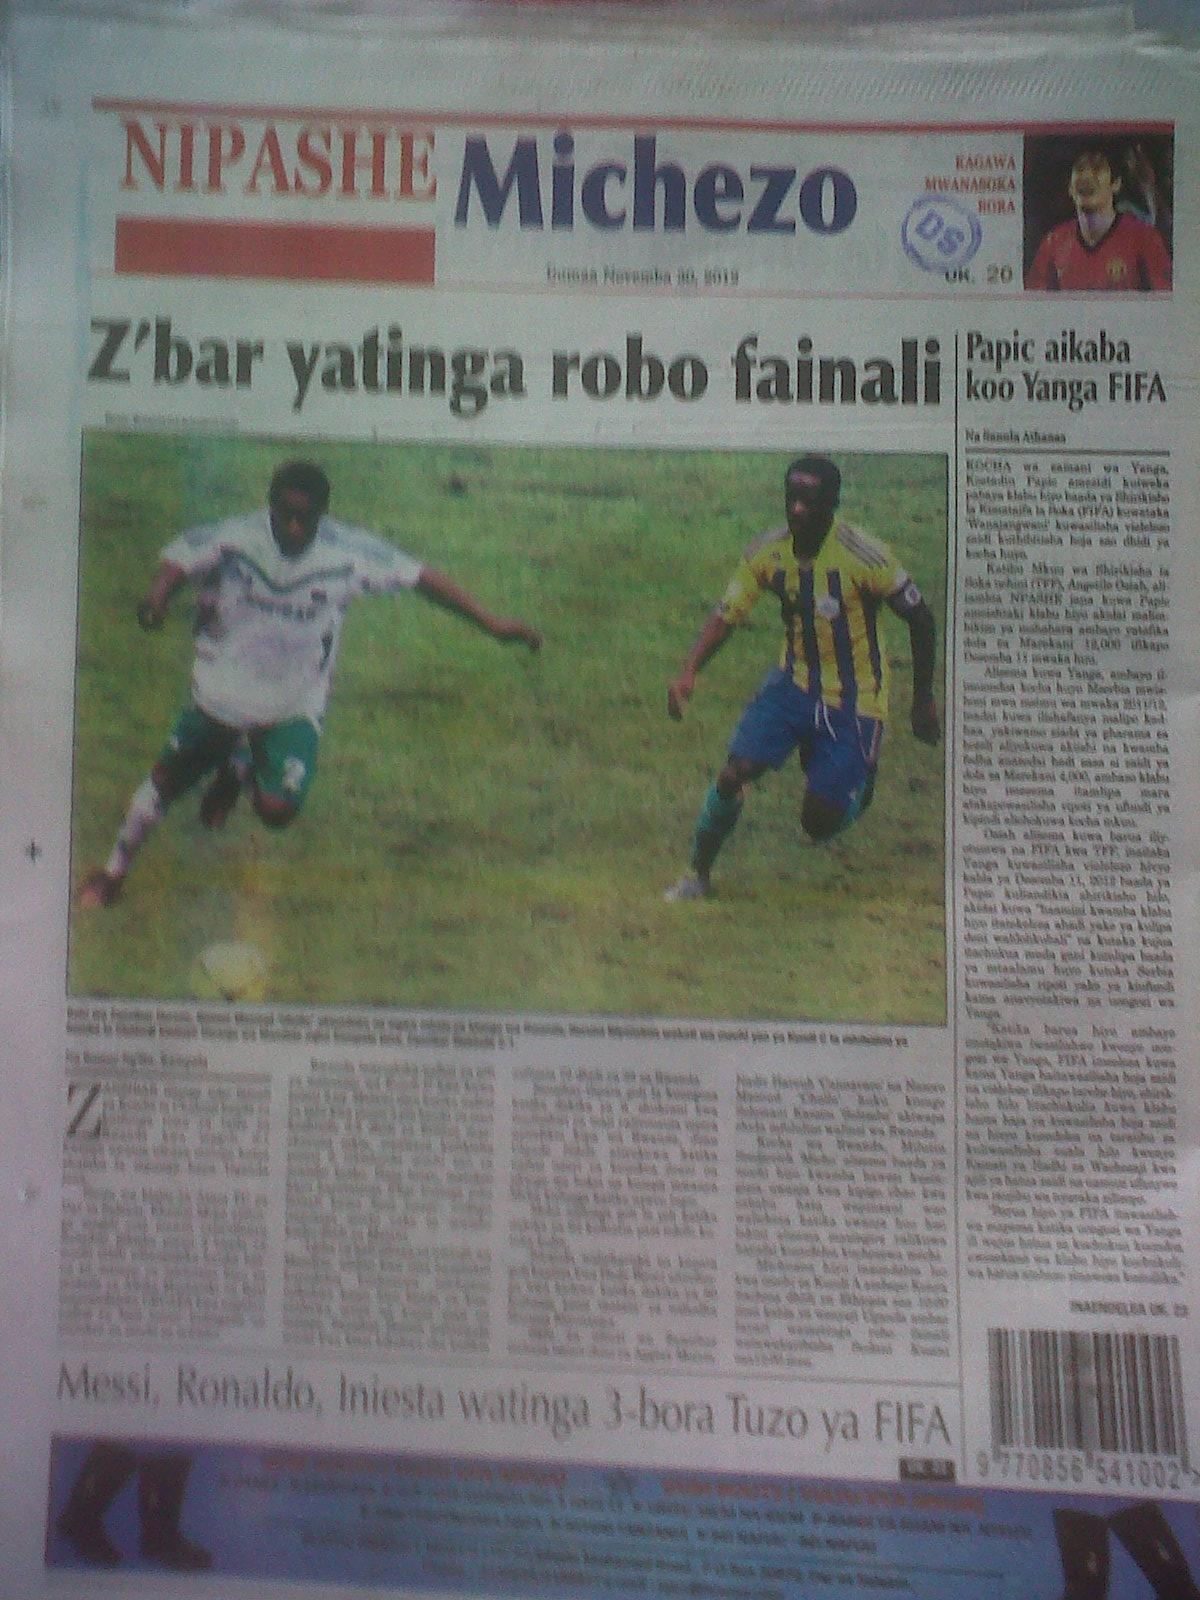 ya kazi may 2013 featured habari za kimataifa nafasi za kazi utumishi